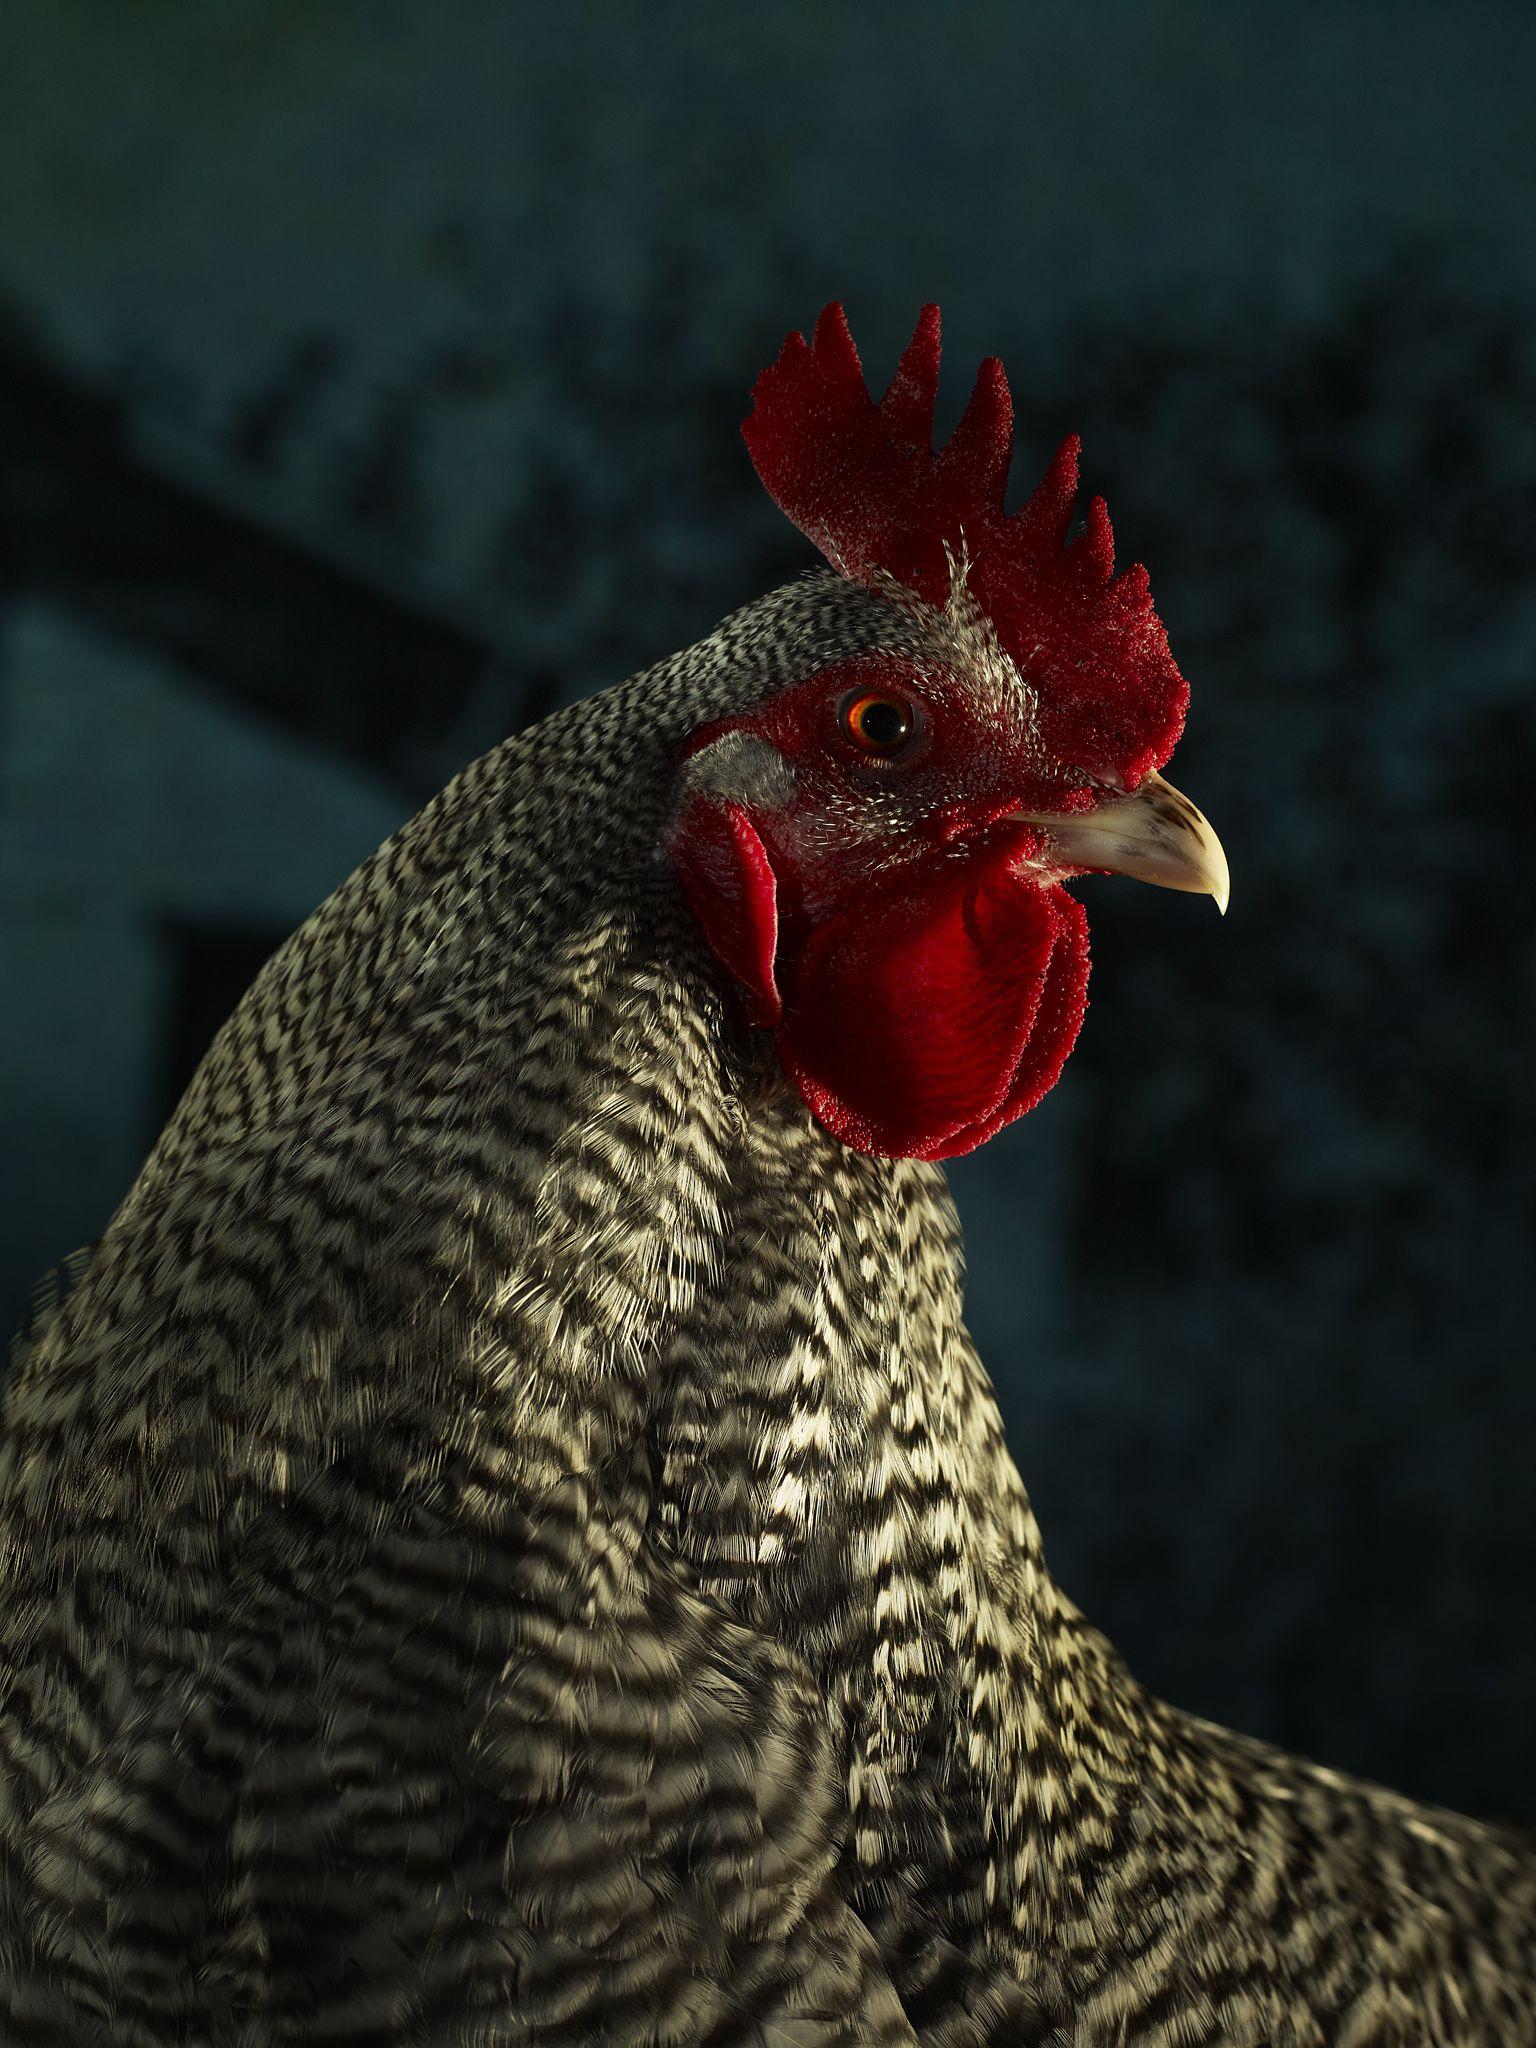 TODD MCLELLAN MOTION/STILLS INC - • Regal Chickens ...